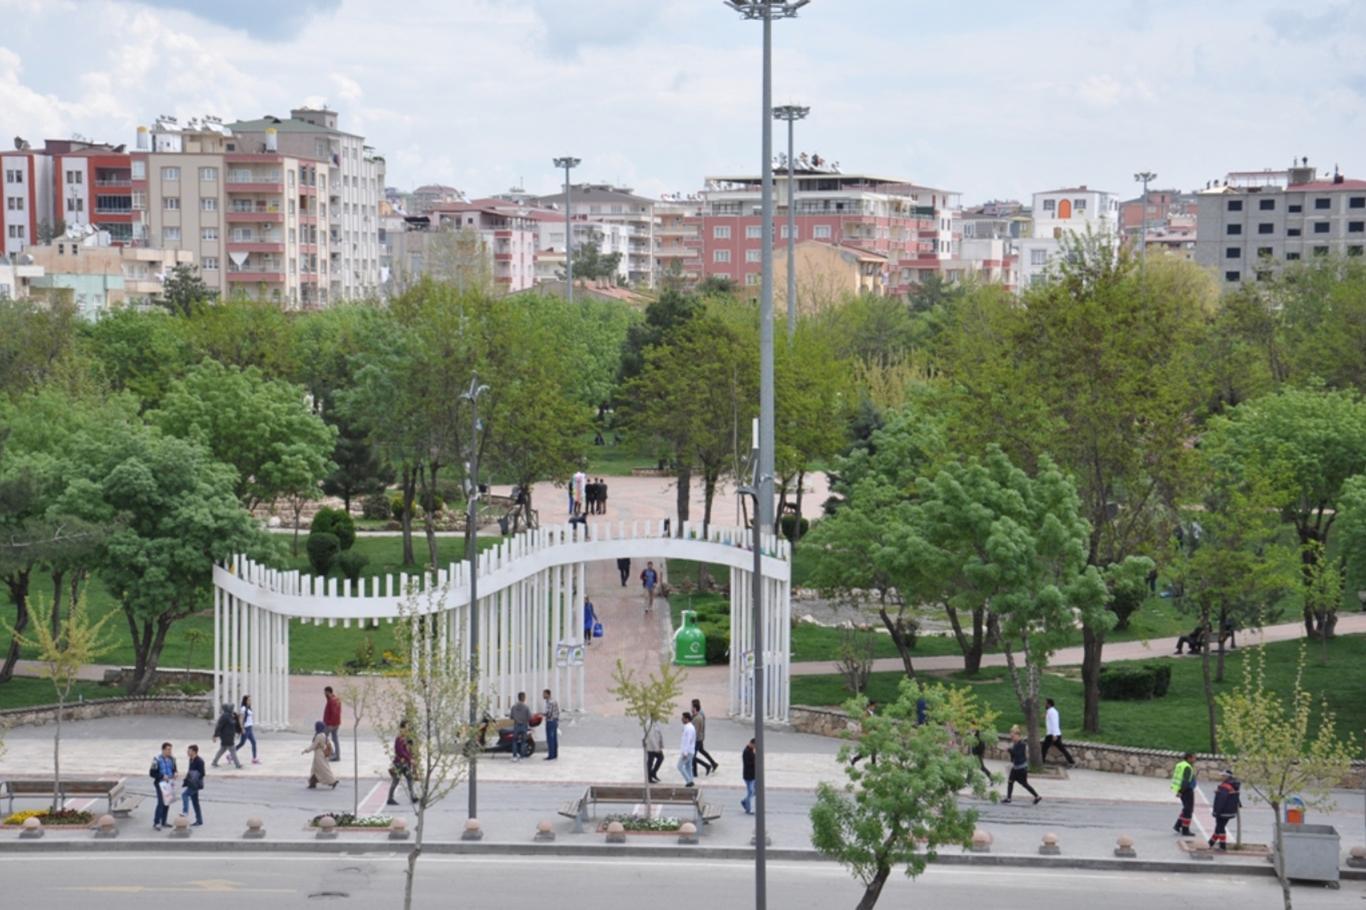 Parklarda Mescit Ve Umumi Tuvalet Yapılmalı